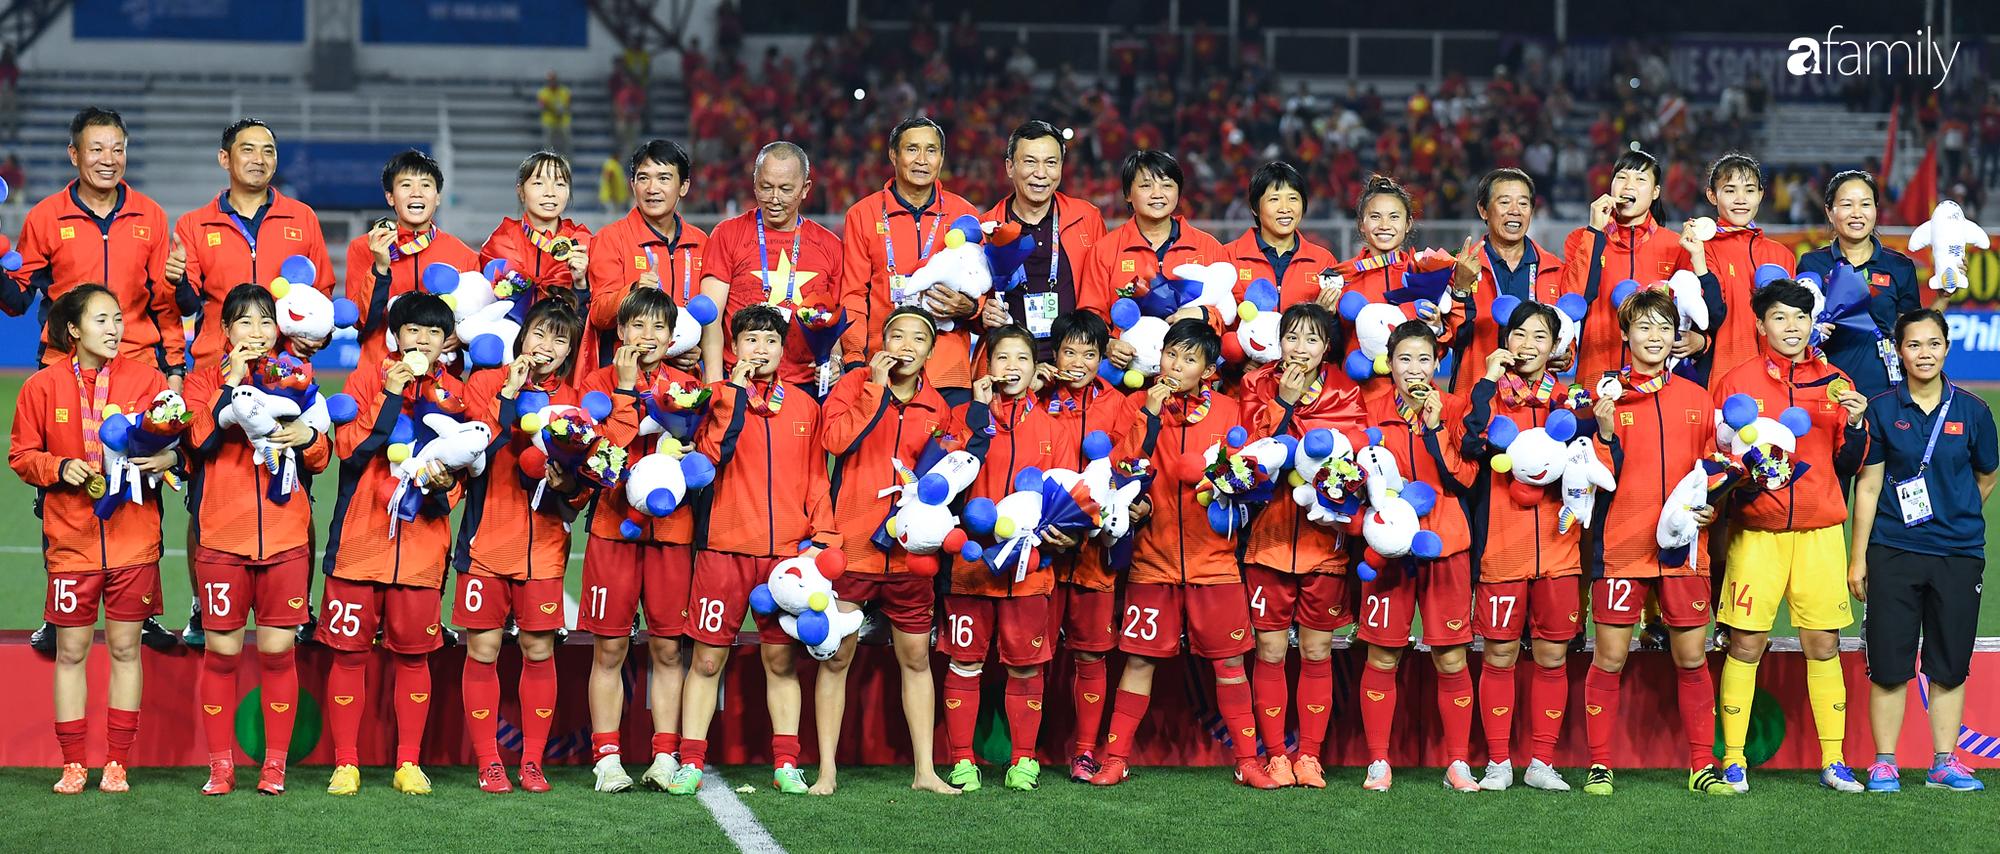 Song hỷ của bóng đá Việt và giấc mơ Vàng 60 năm đã trở thành sự thật: Không có Lọ Lem hay Thánh Gióng, chỉ có những con người khổ luyện thành tài, đam mê và tận hiến - Ảnh 7.